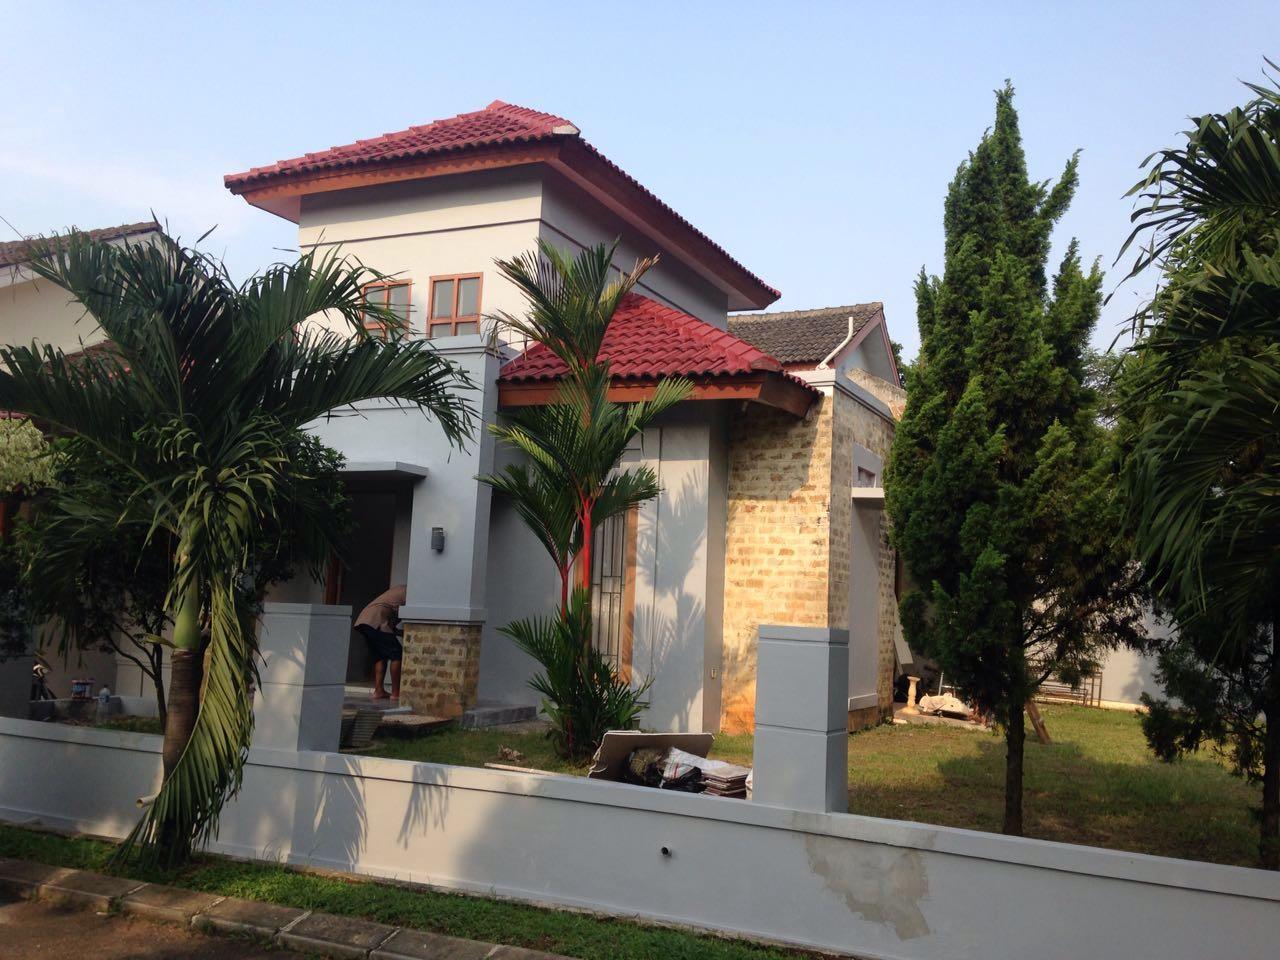 Rumah Nyaman dan Siap Huni di Althia Park, Graha Raya, Bintaro